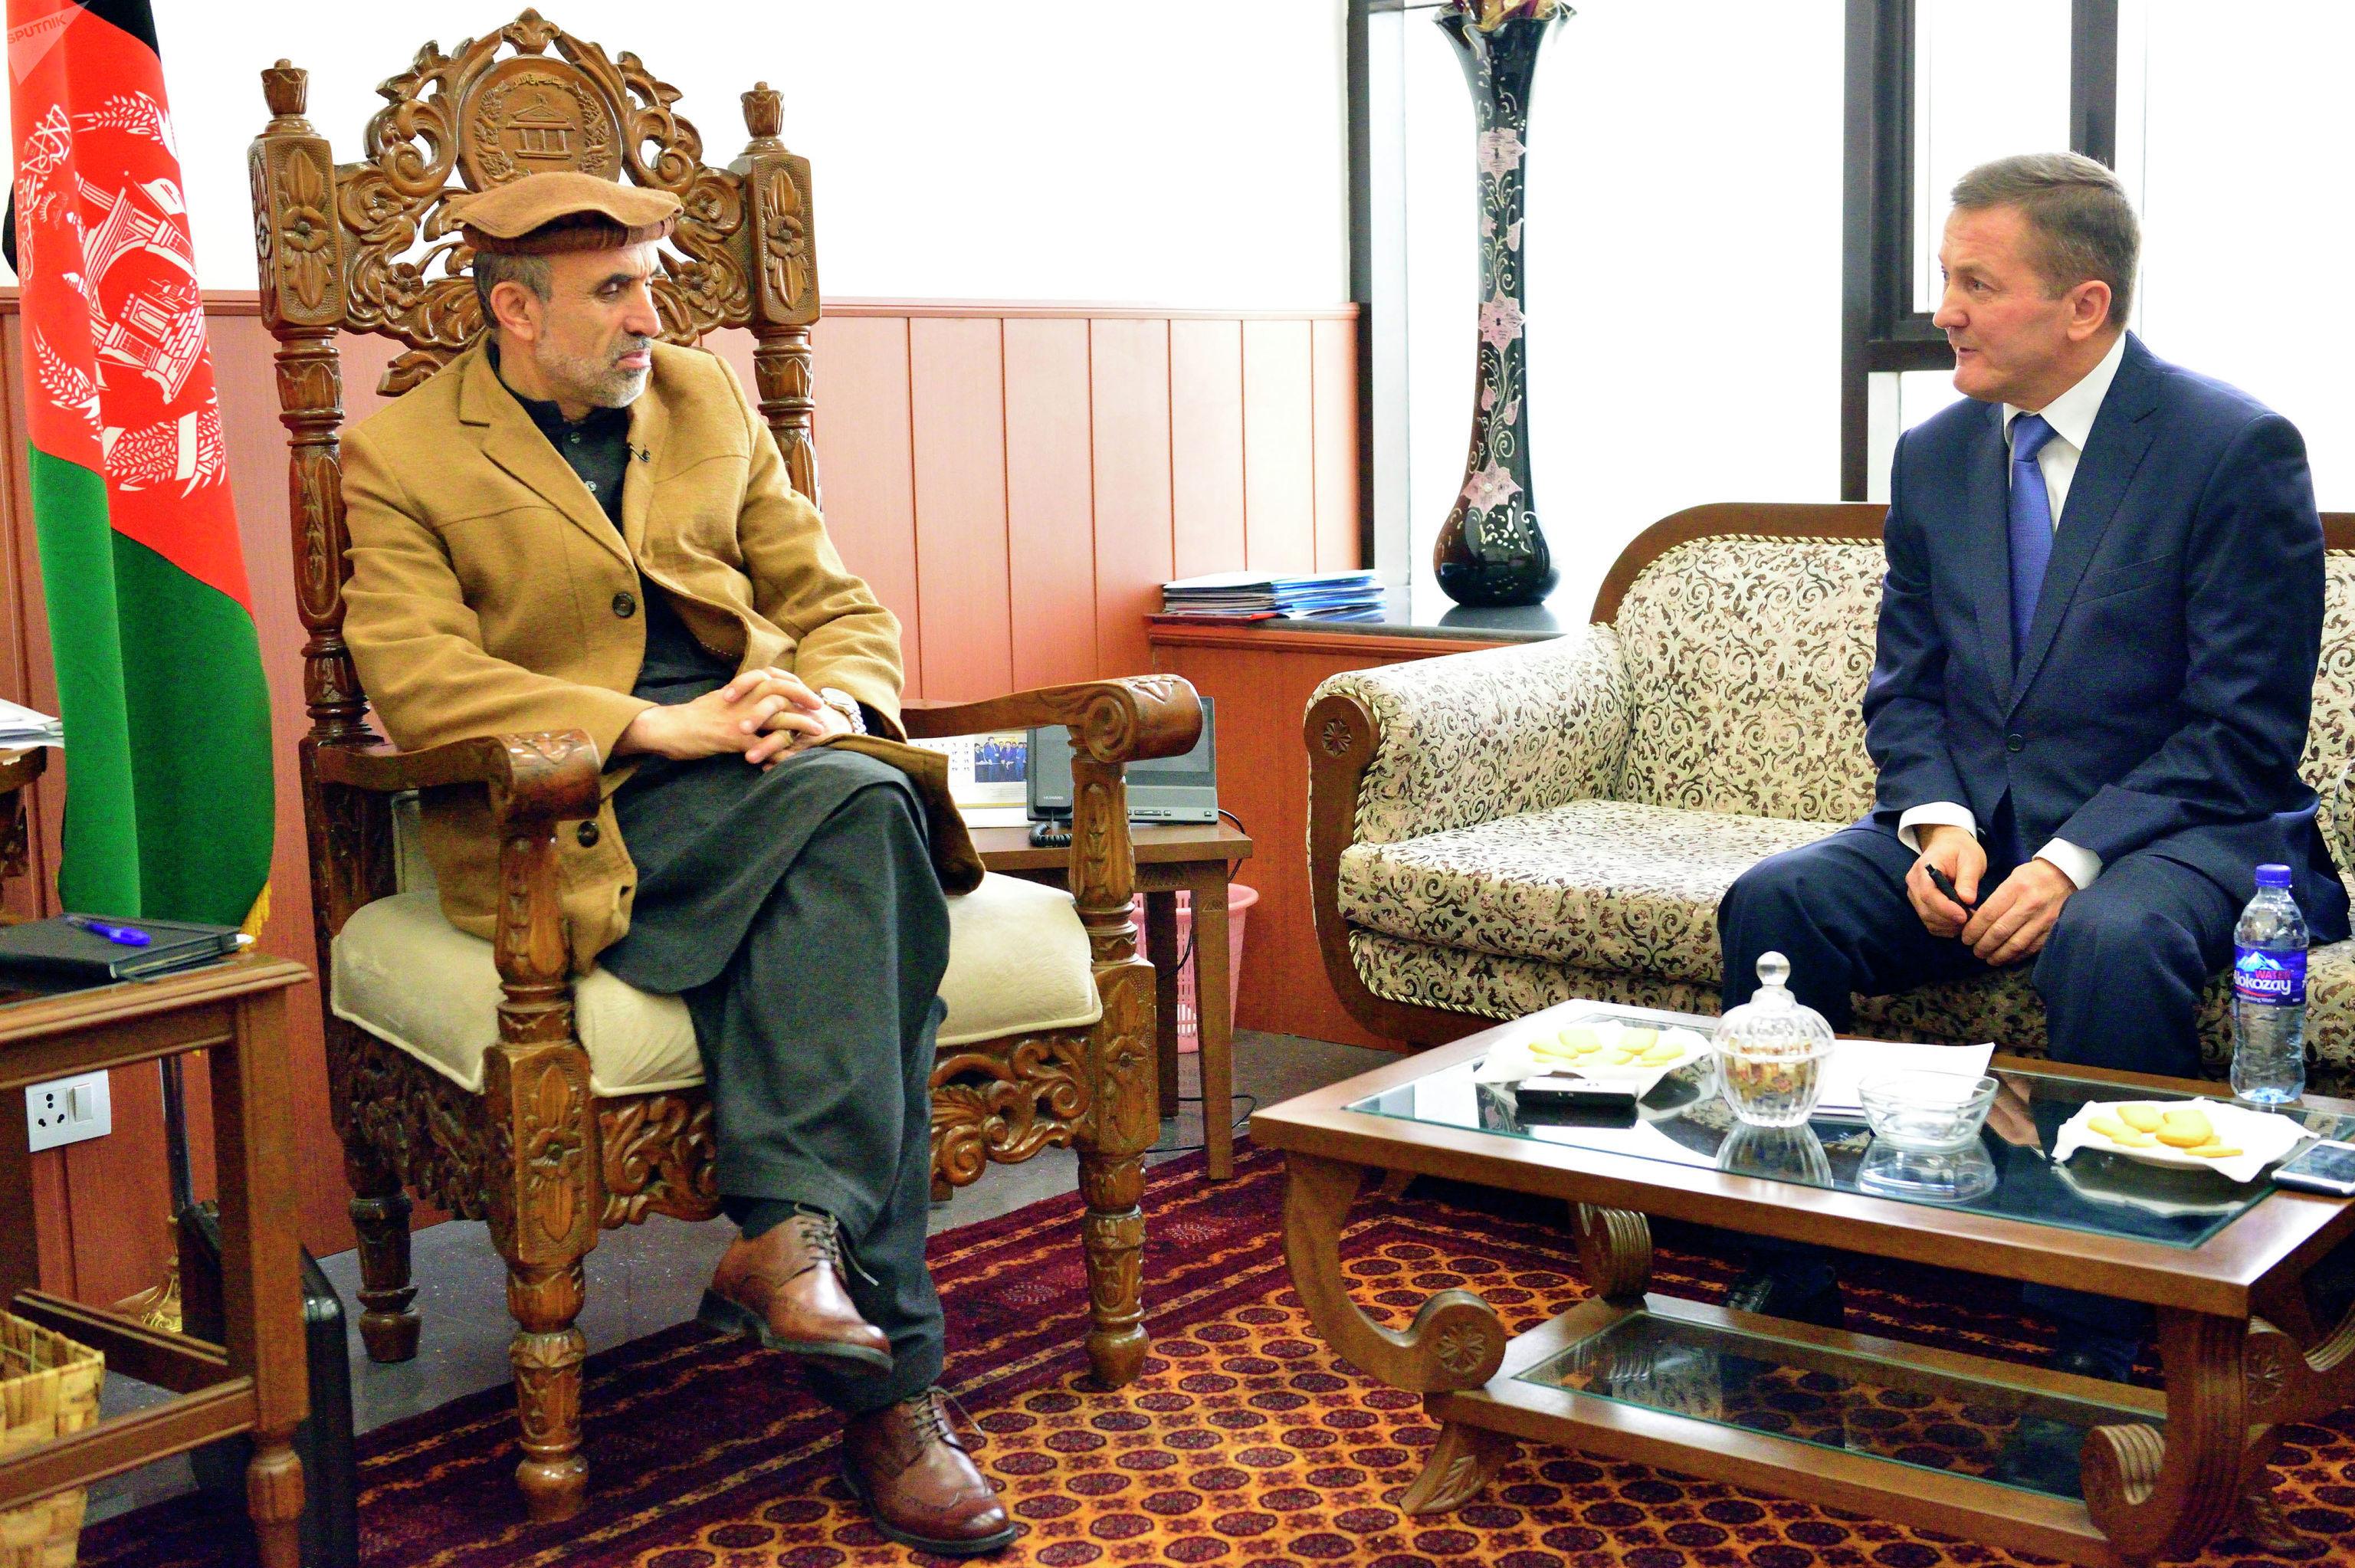 Интервью с сенатором Мохаммадом Изидьяром. Фото